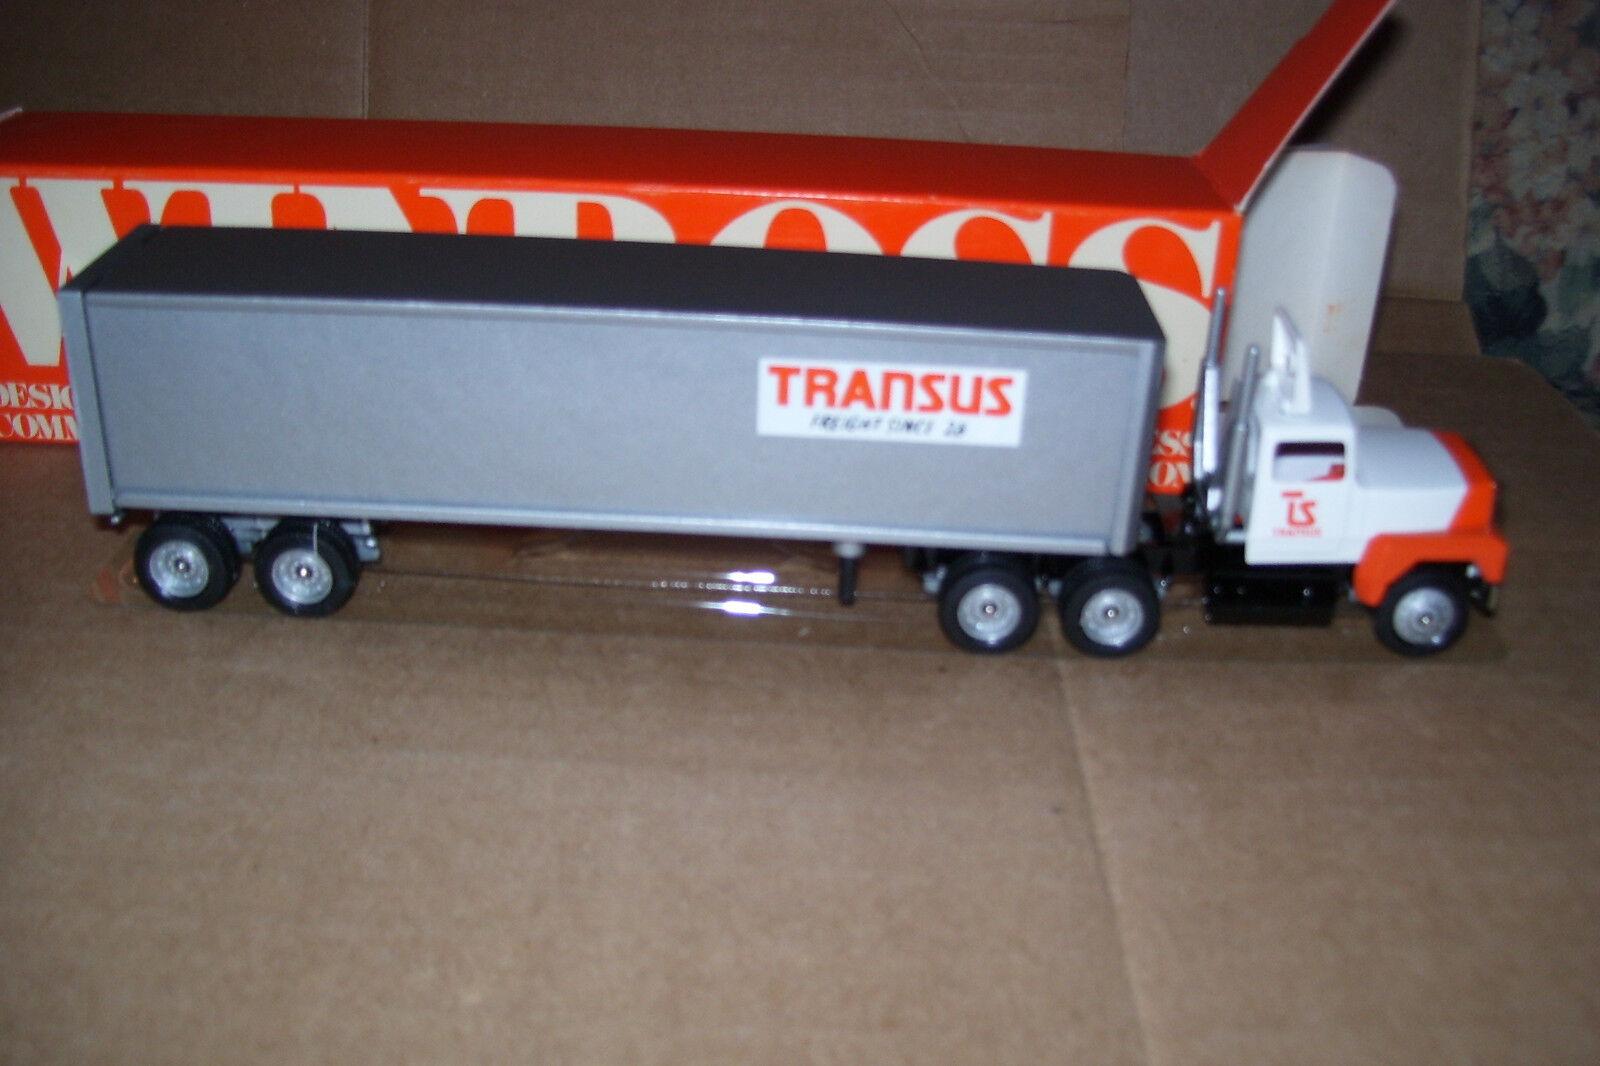 1993 transus Winross diecast camión con acoplado